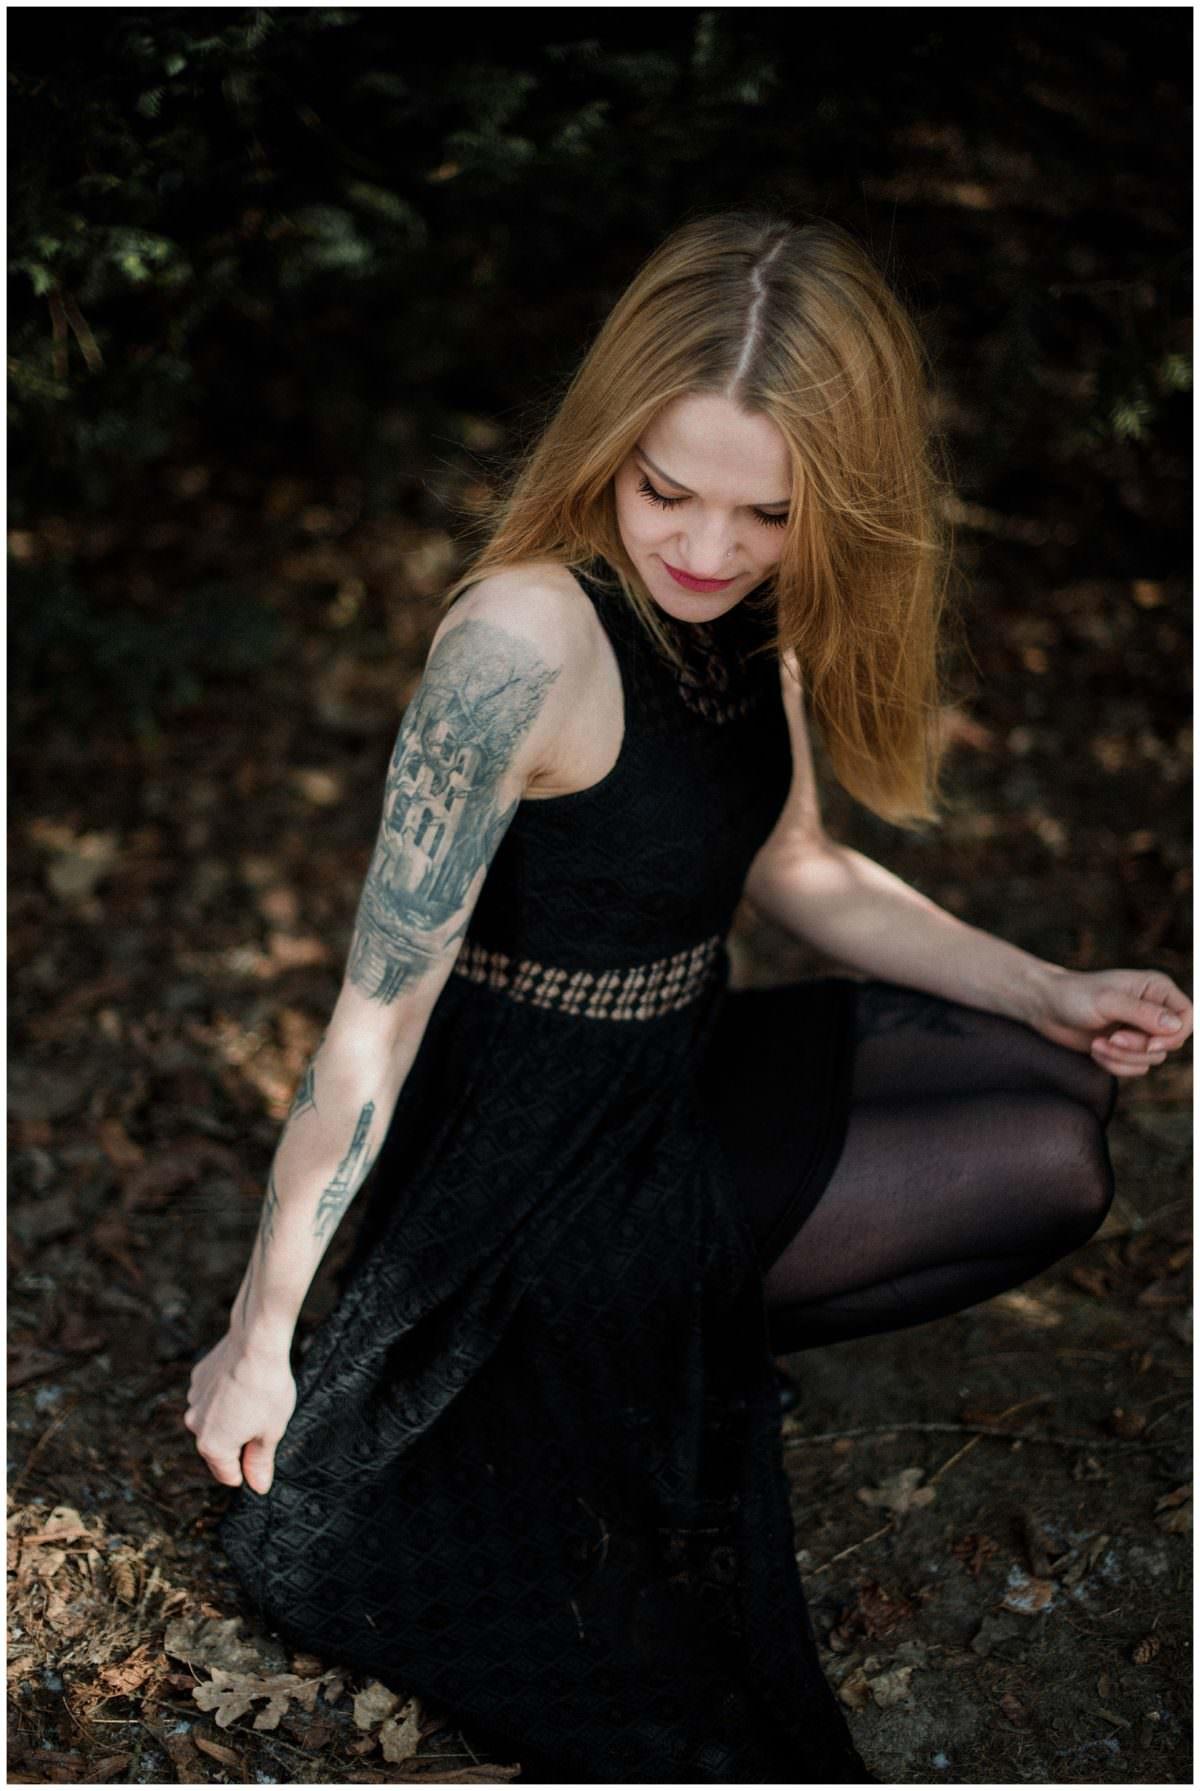 Tattoo artist portrait photoshoot